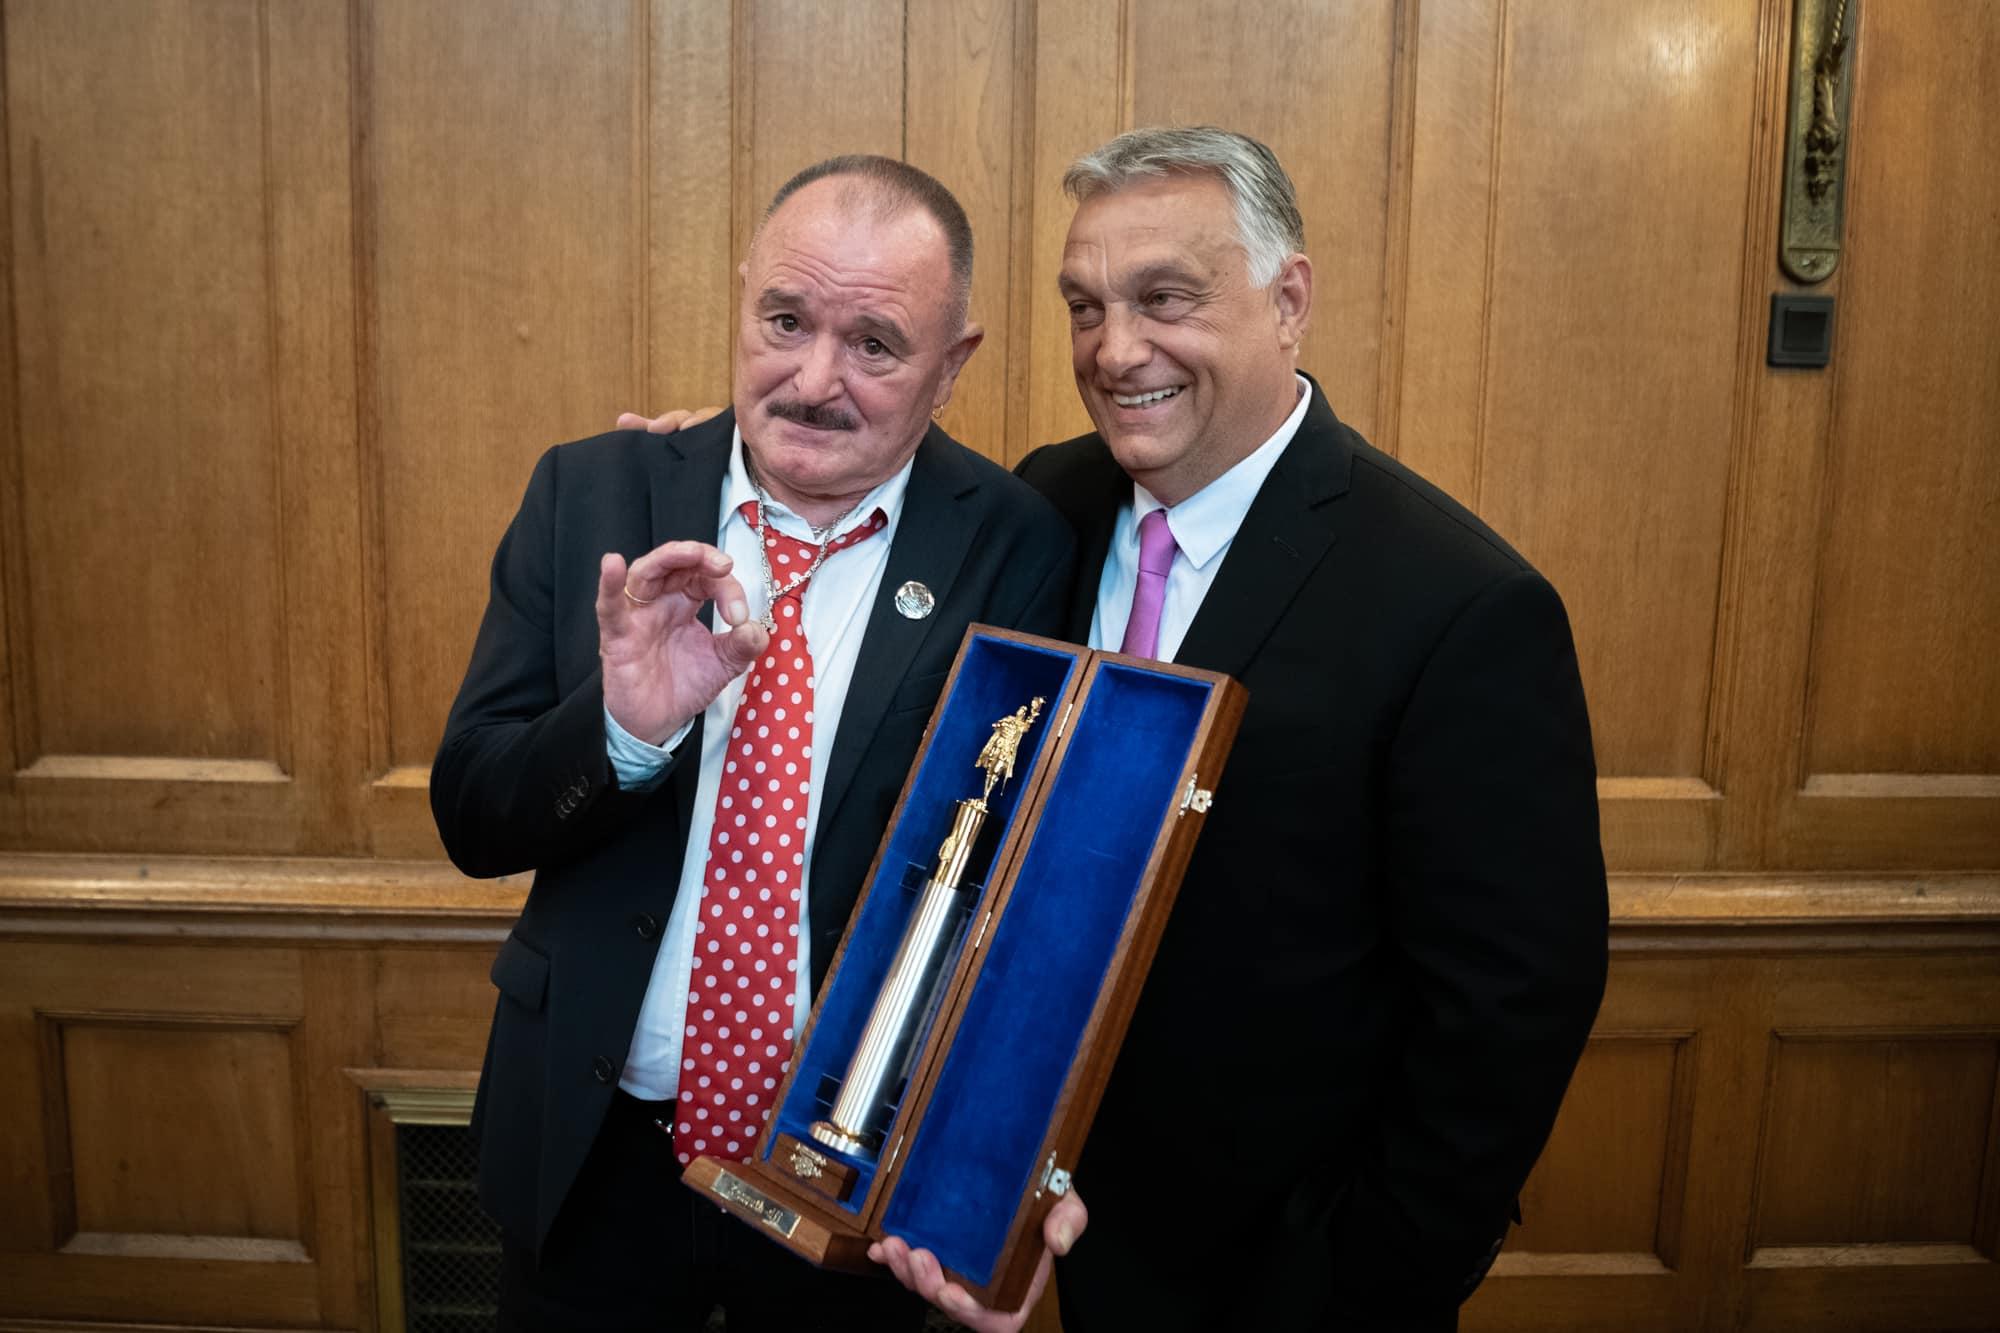 Kossuth-díjat kapott Nagy Feró és Tátrai Tibor